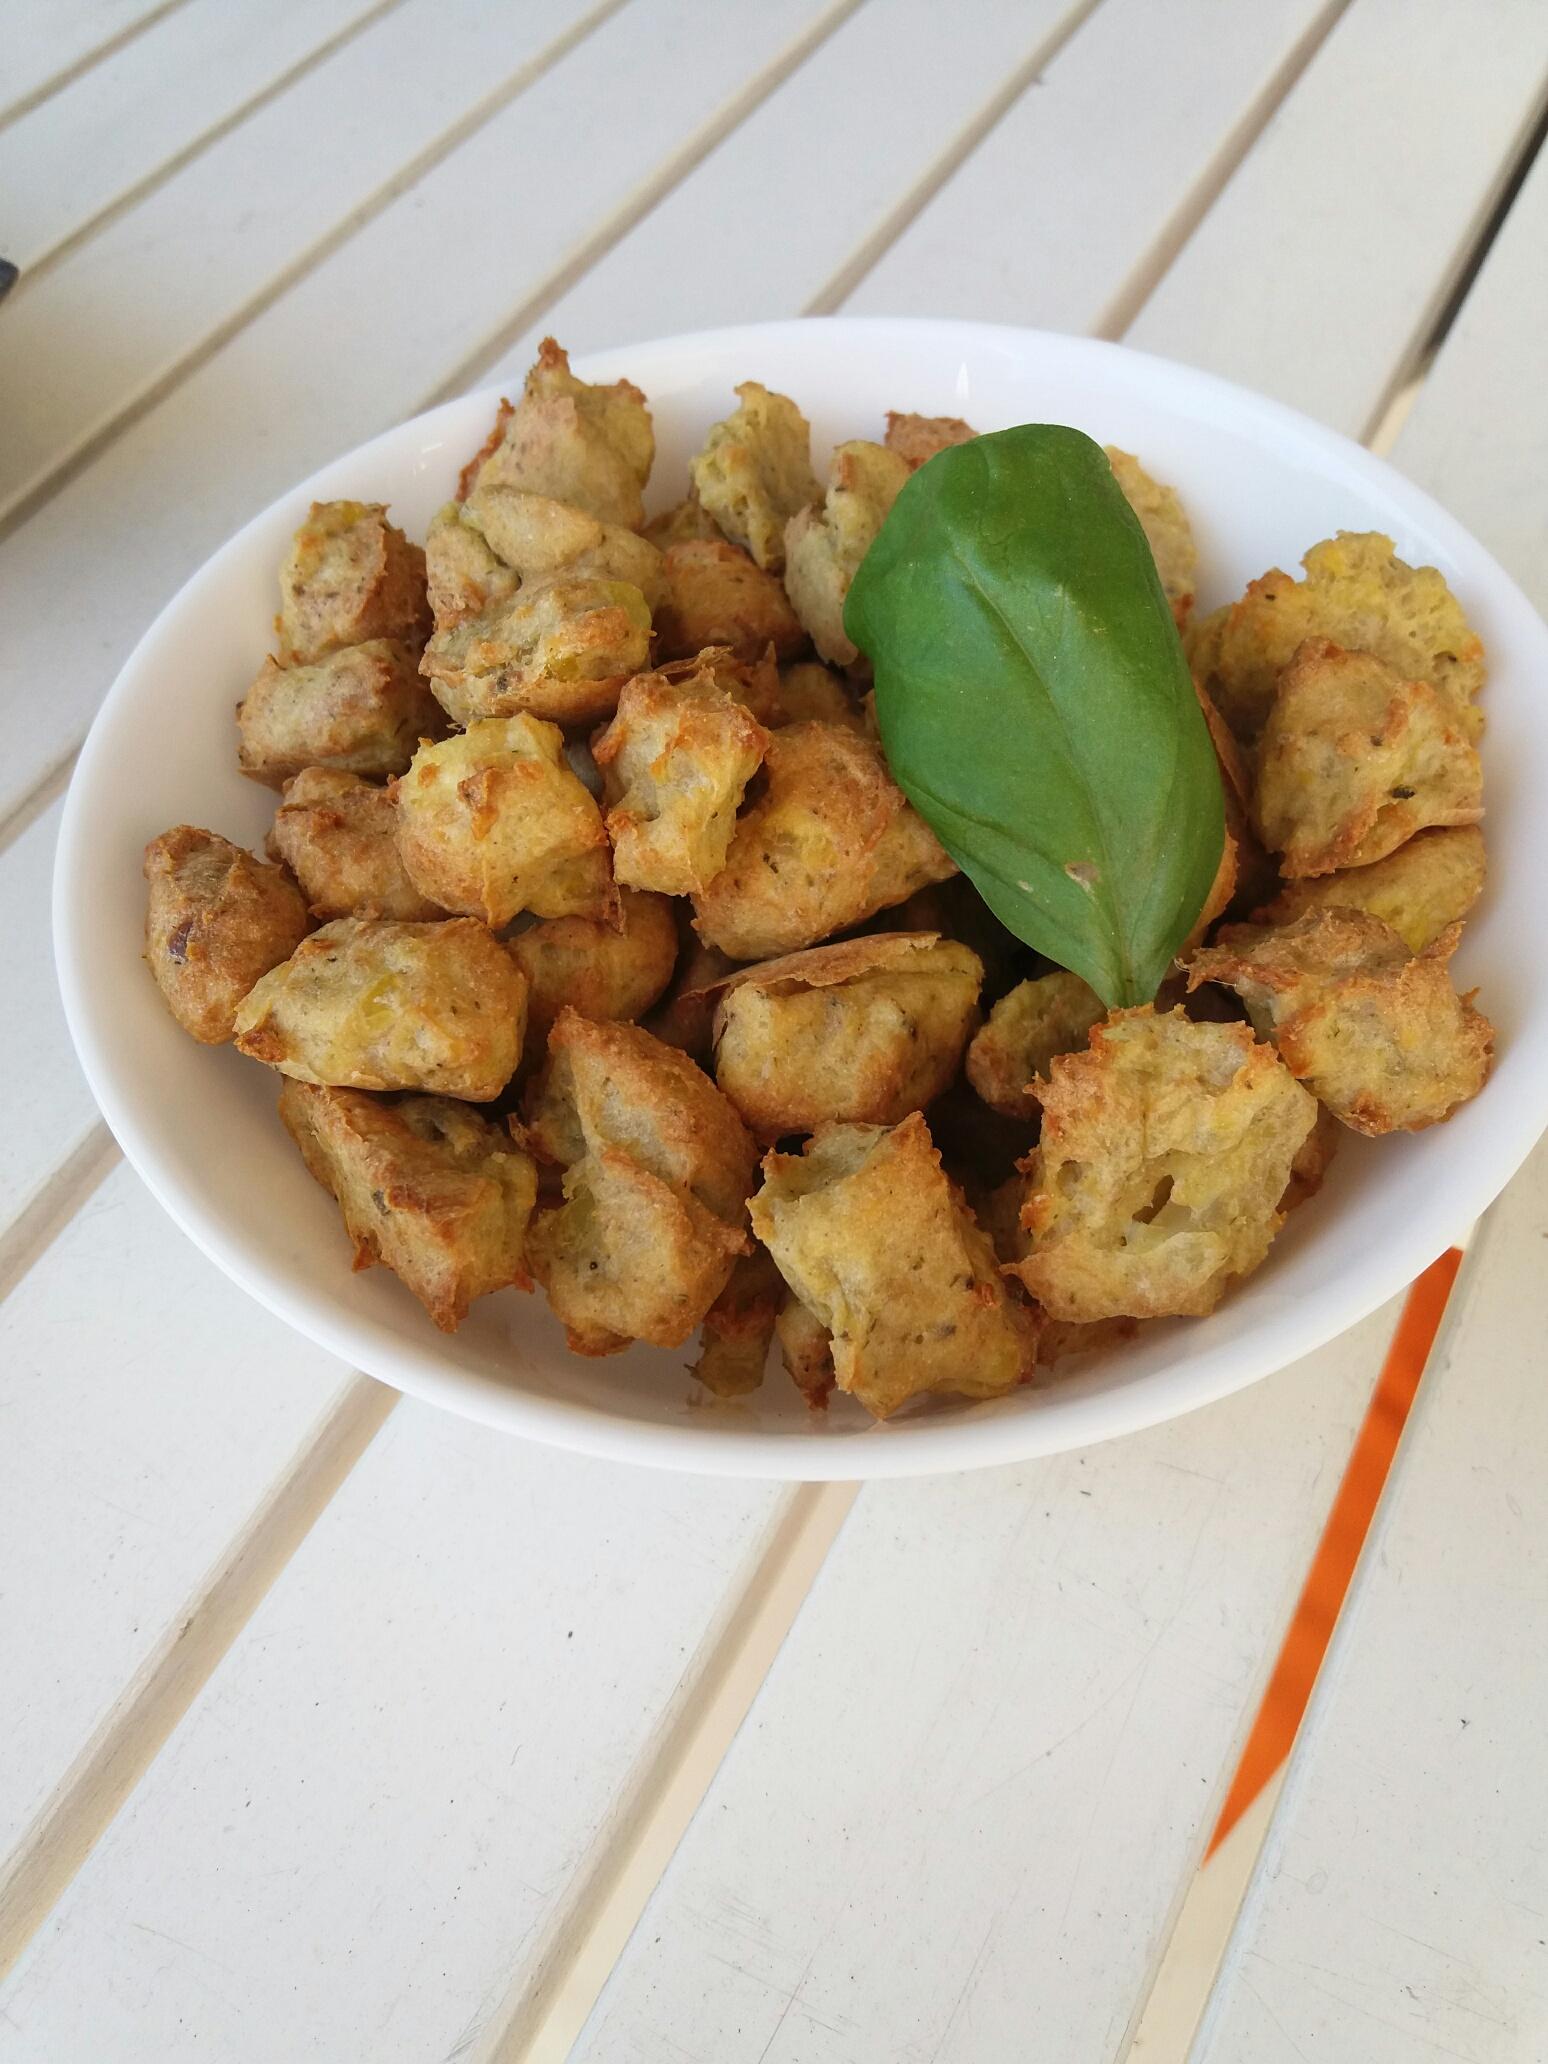 Kartoffel-Hühner-Kekse